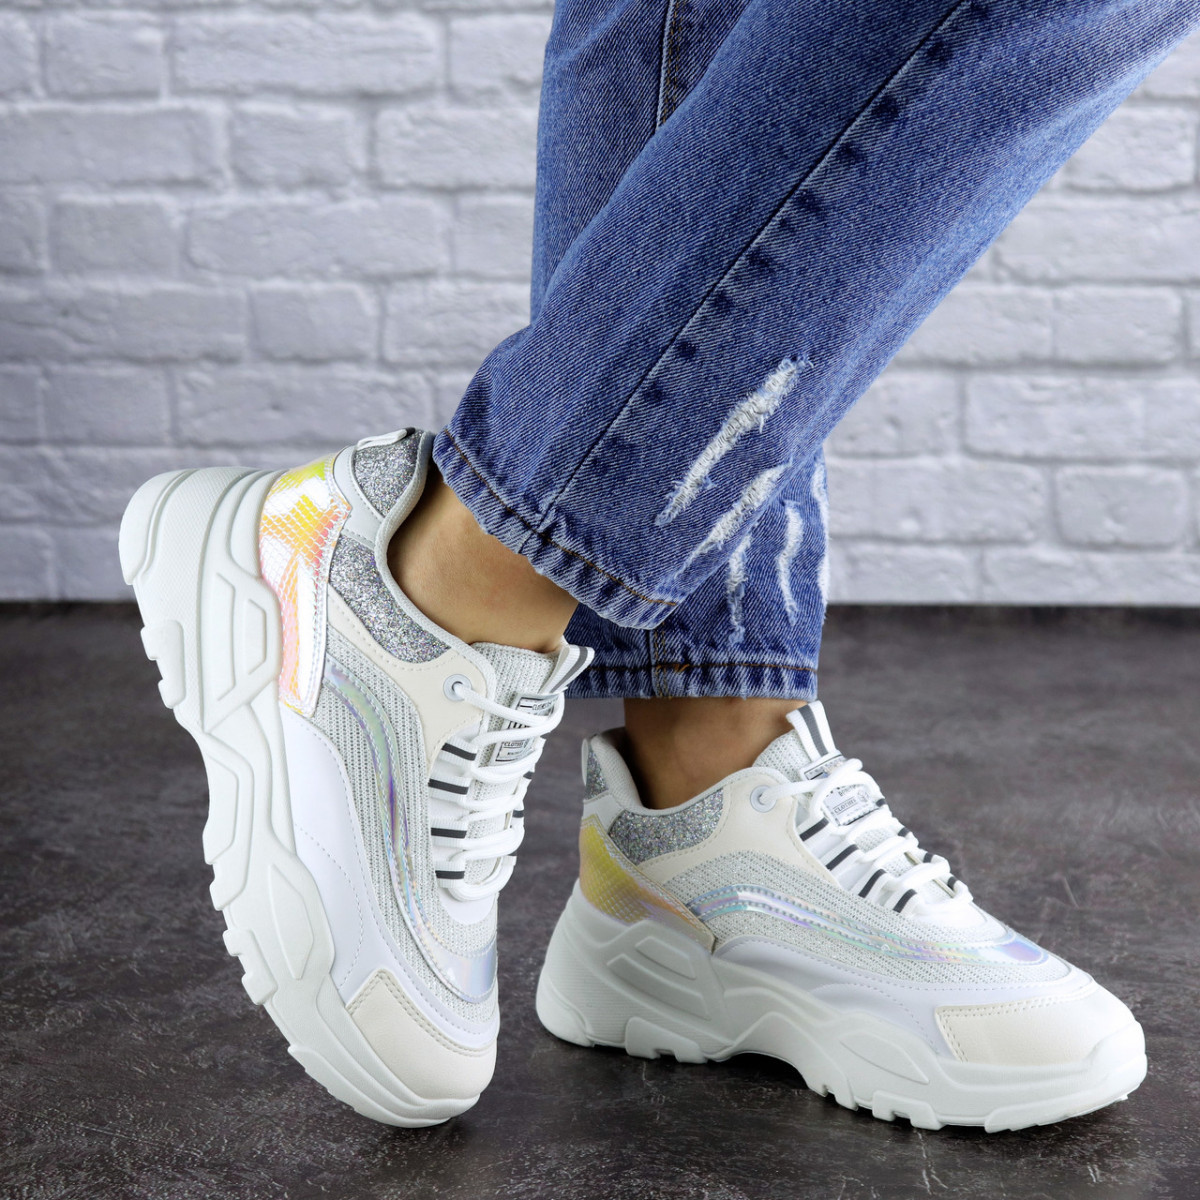 Жіночі кросівки Fashion Ferris 1749 37 розмір 23 см Білий